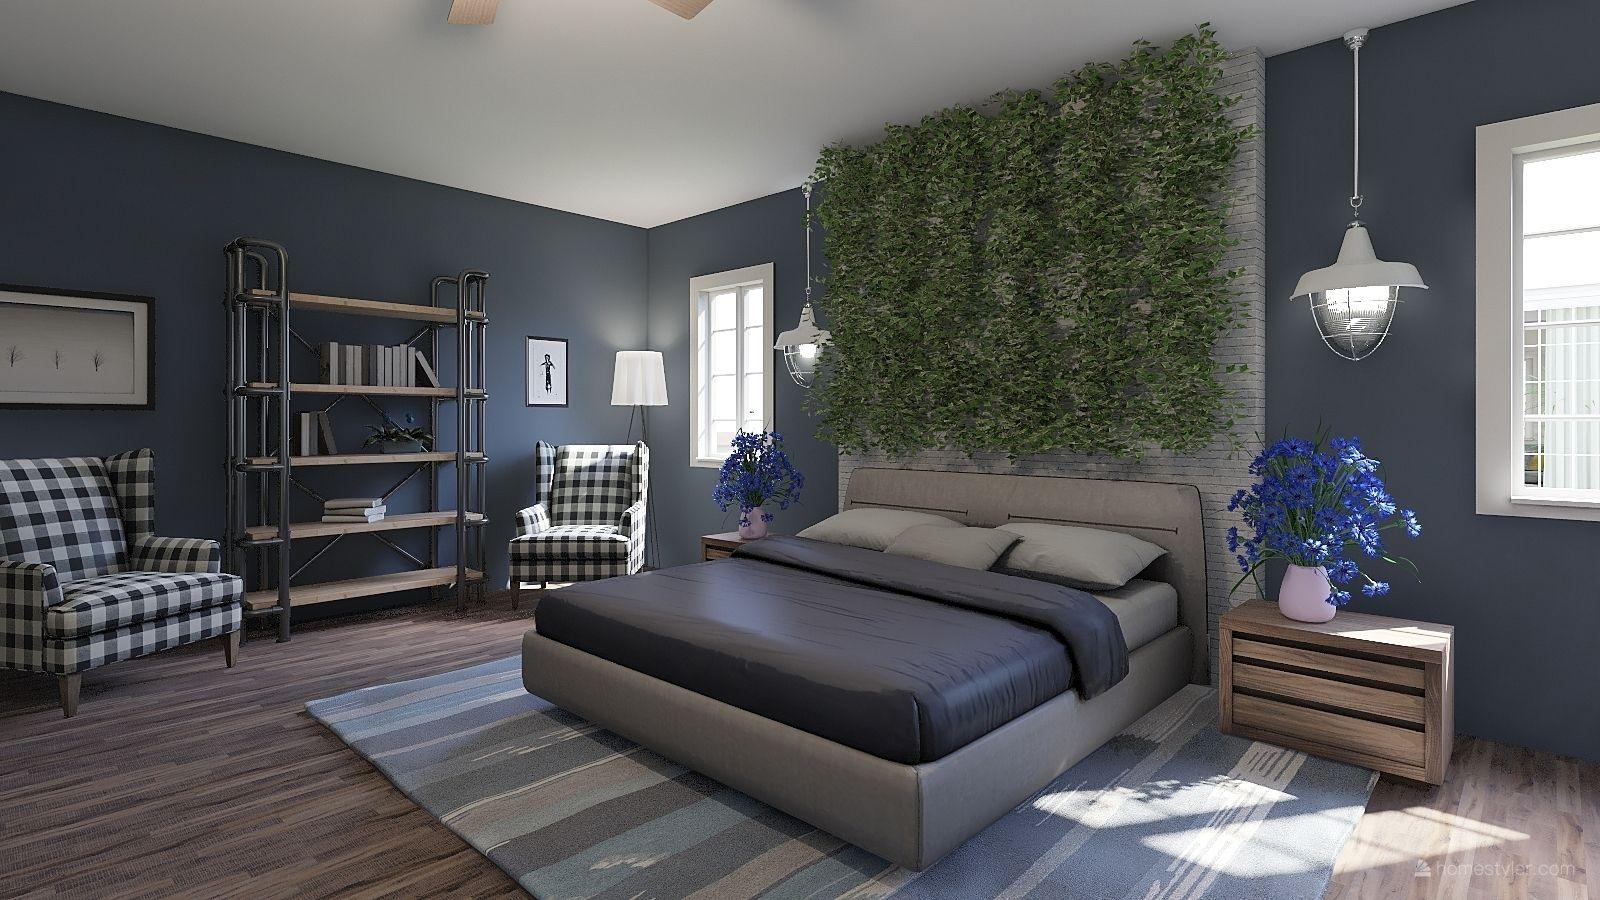 Homestyler Design Room Design Software 3d Home Design Software Home Design Software